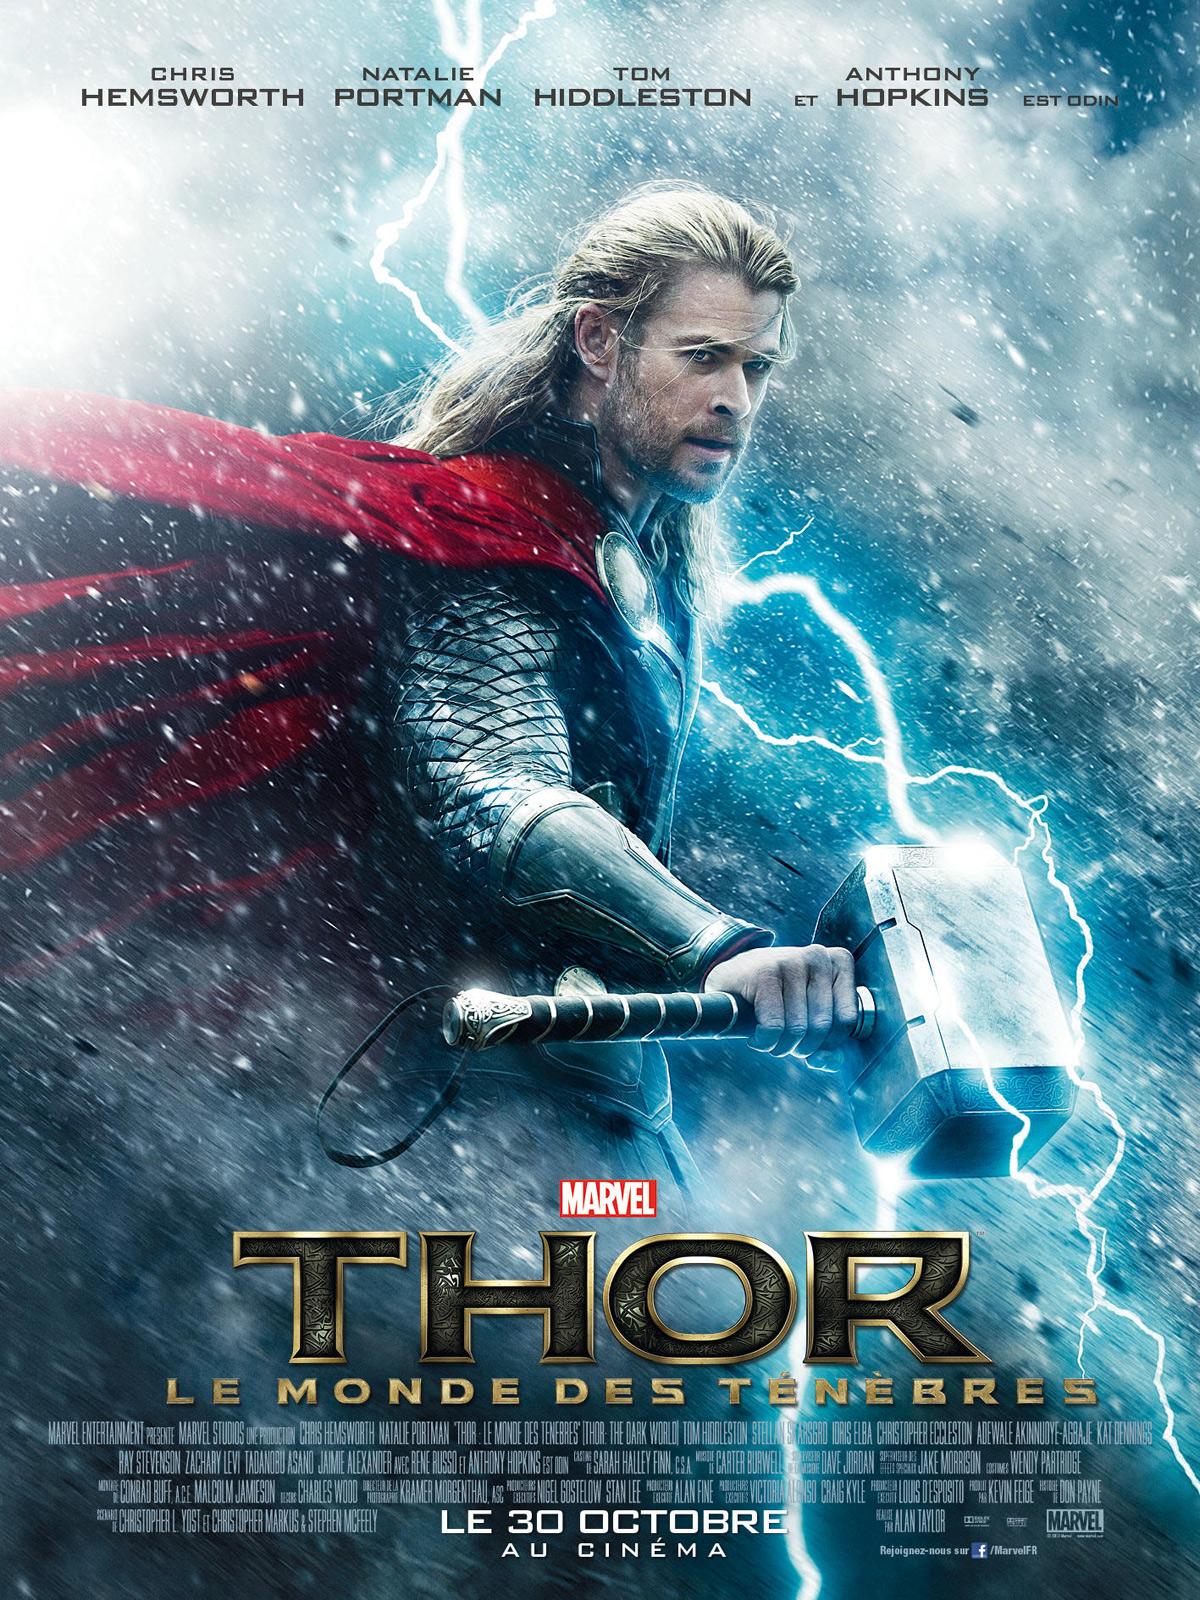 Thor : Le Monde des ténèbres - EXTRAS (Bonus du film)